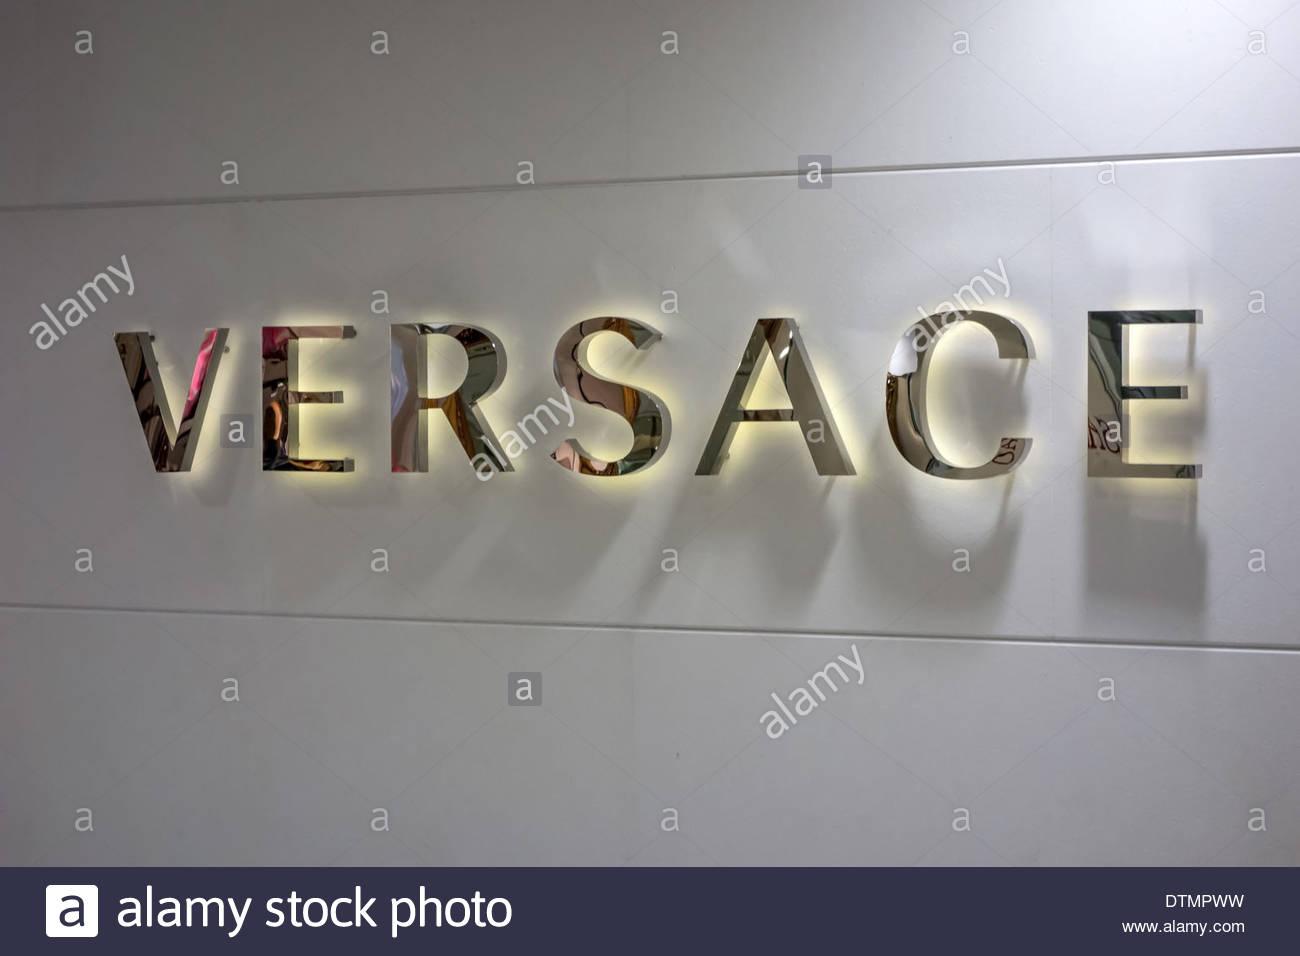 Versace Boutique Stock Photos Versace Boutique Stock Images Alamy